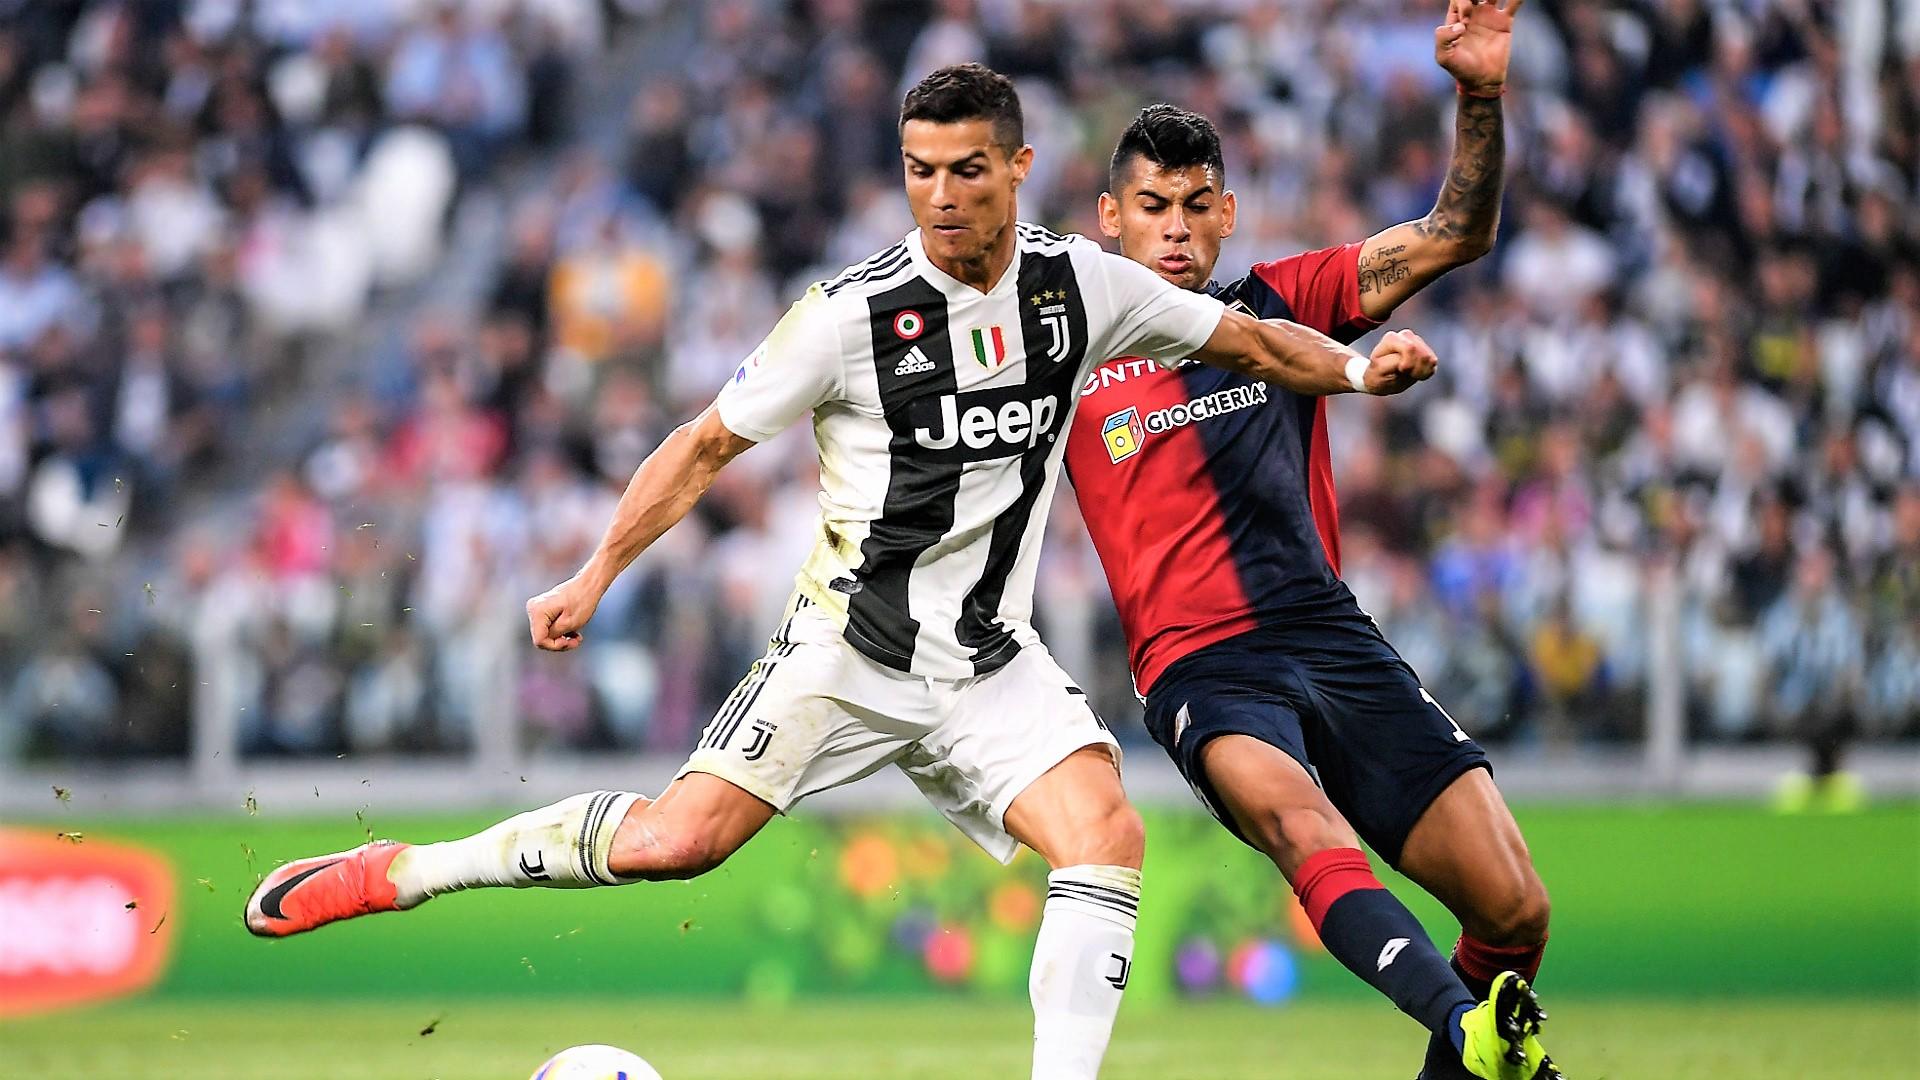 Frena la Juve, Genoa costringe capolista all'1-1